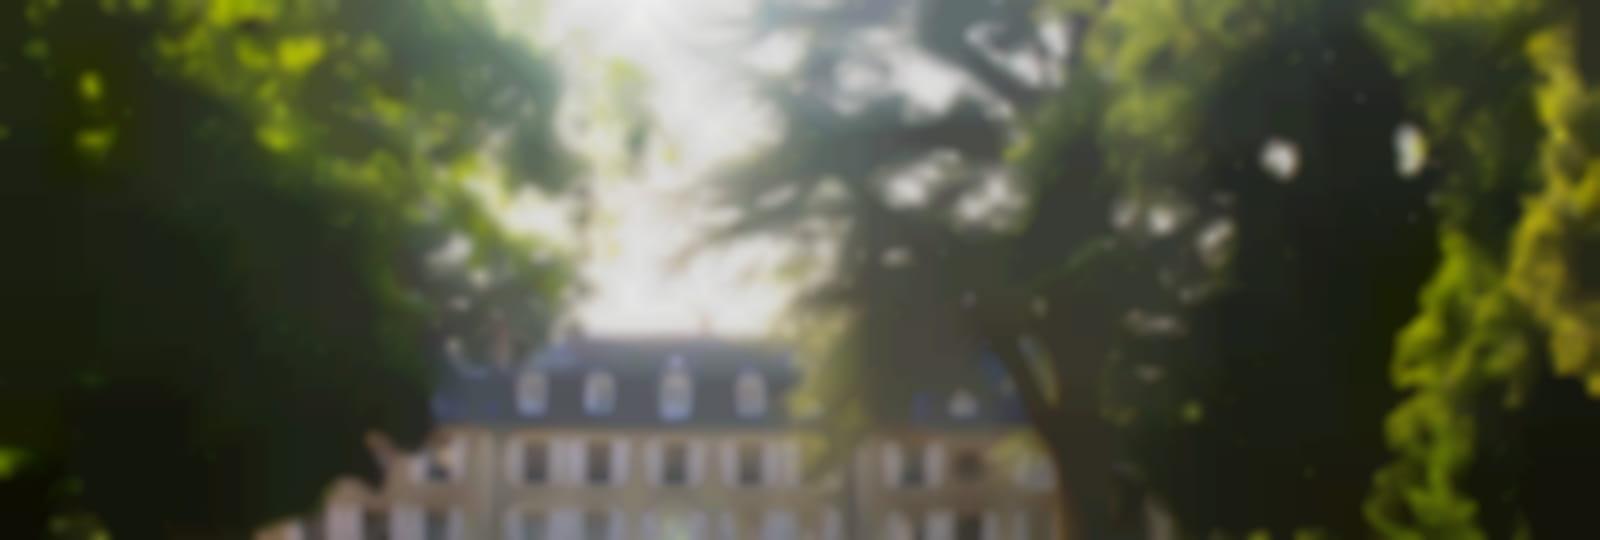 Château de Bouthonvilliers